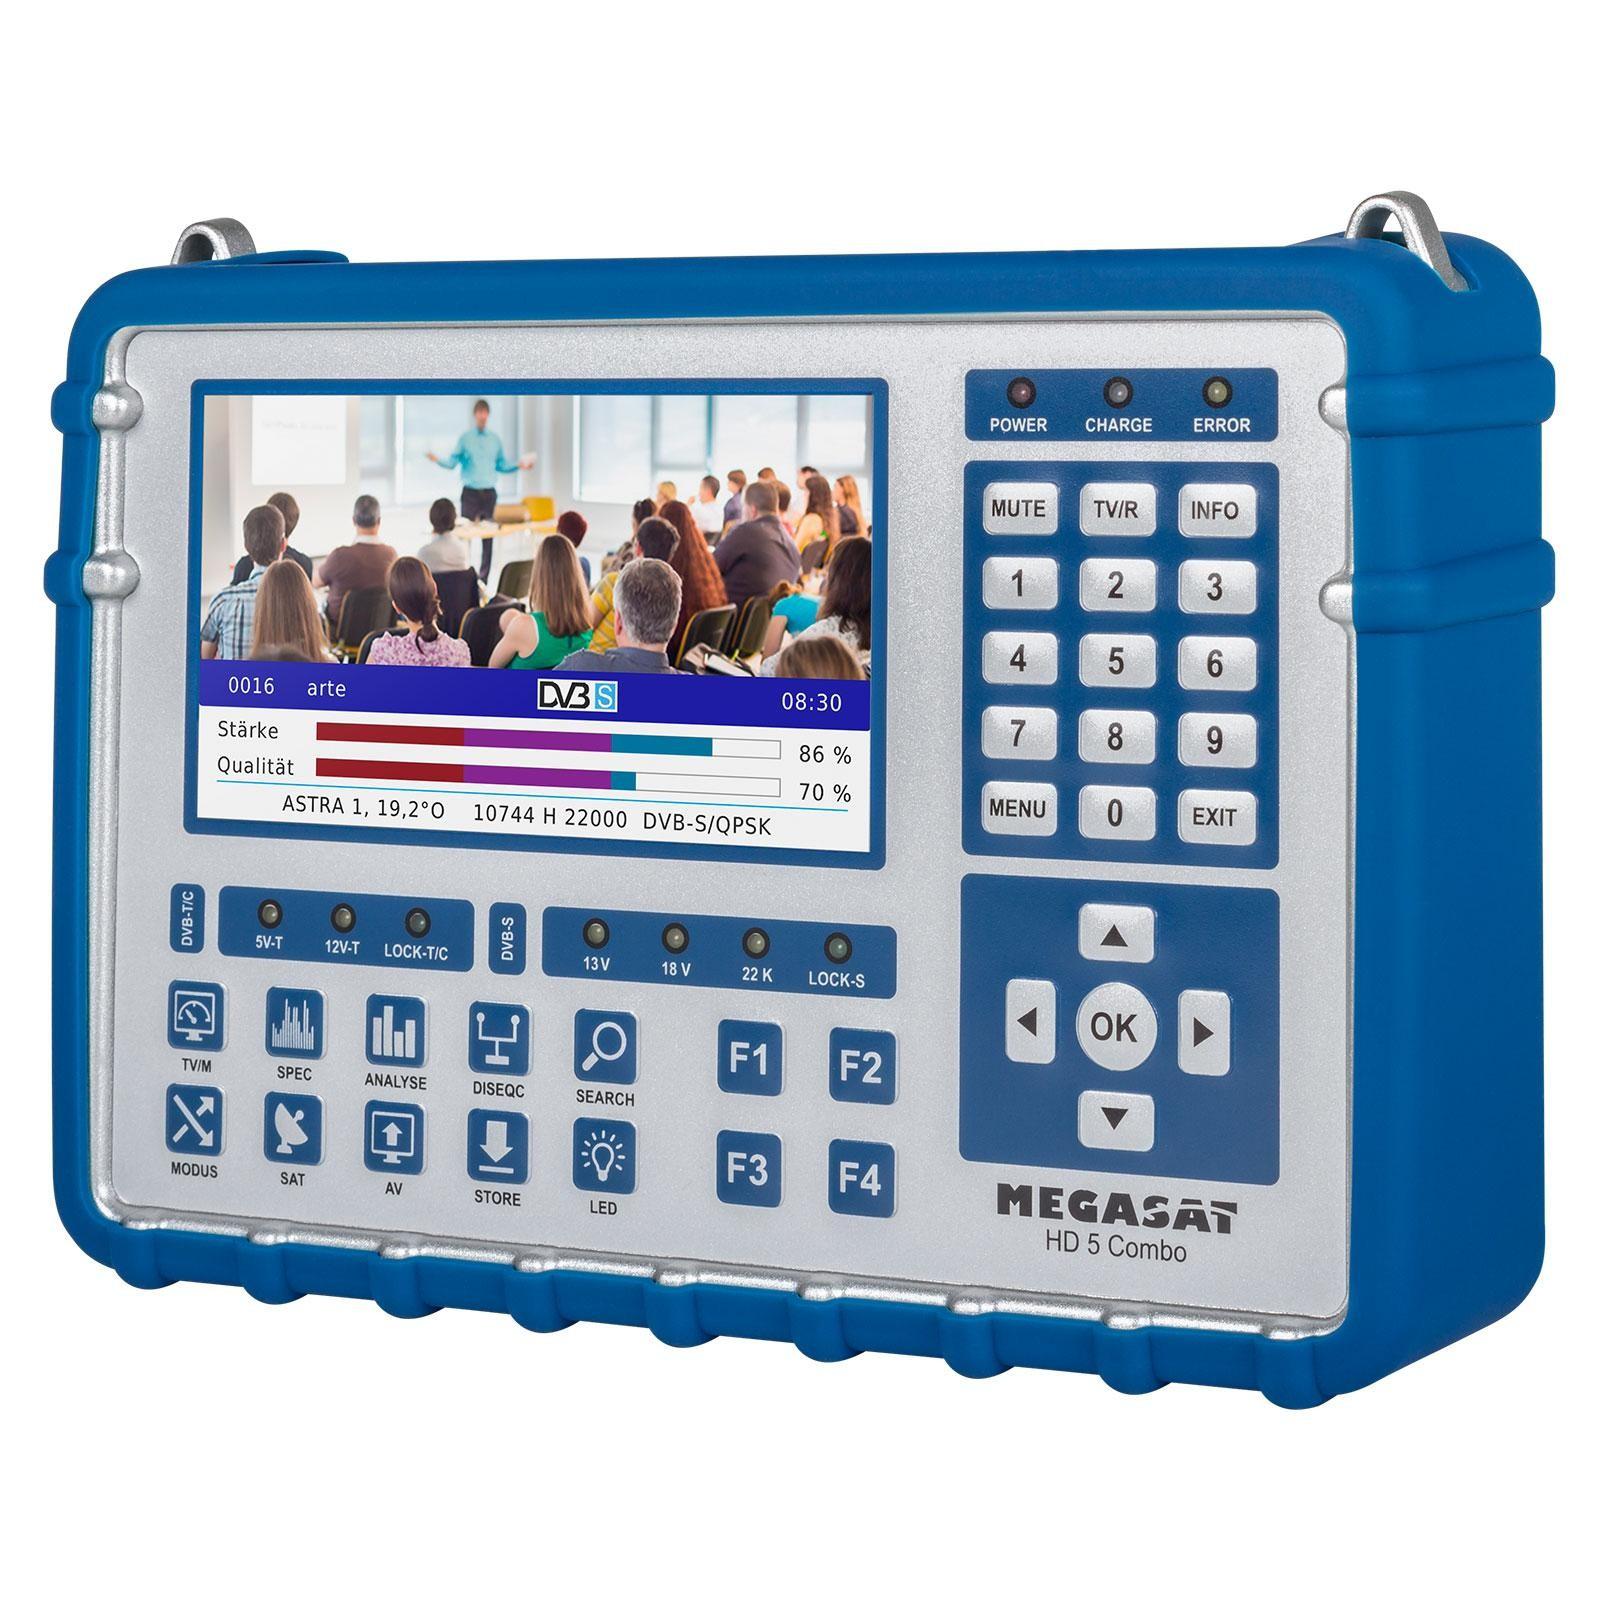 Megasat Sat Messgert Hd 5 Combo Oled Dvb S2 S2x C T2 Kabel 12v 038 5v Power Supply Multistream Finder Satking Gmbh